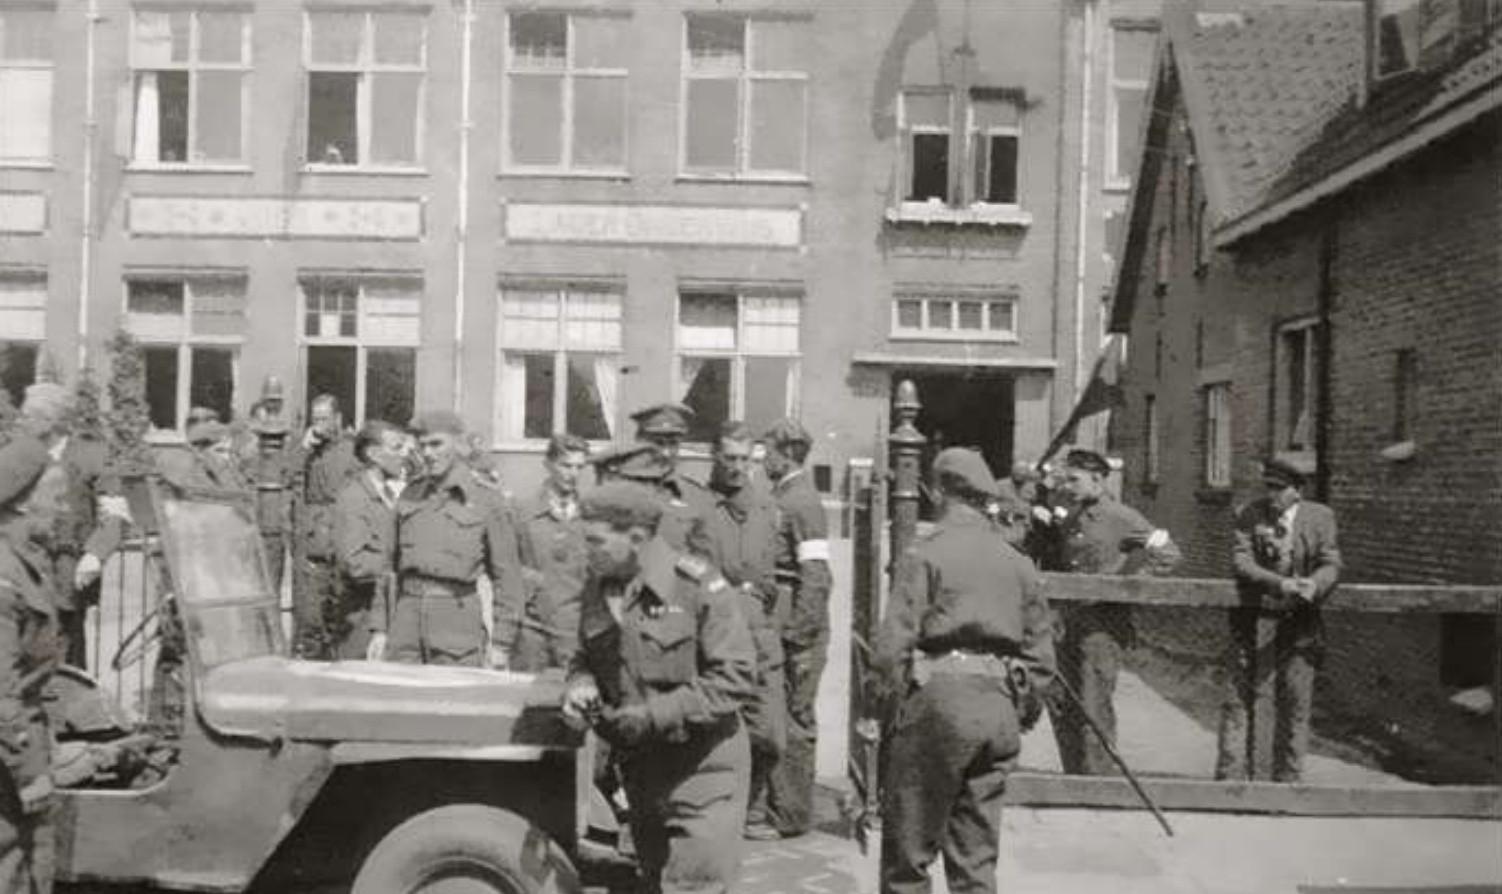 De aankomst van de Canadezen in 's-Gravendeel, bij de christelijke basisschool Eben Haëzer in de Langestraat.